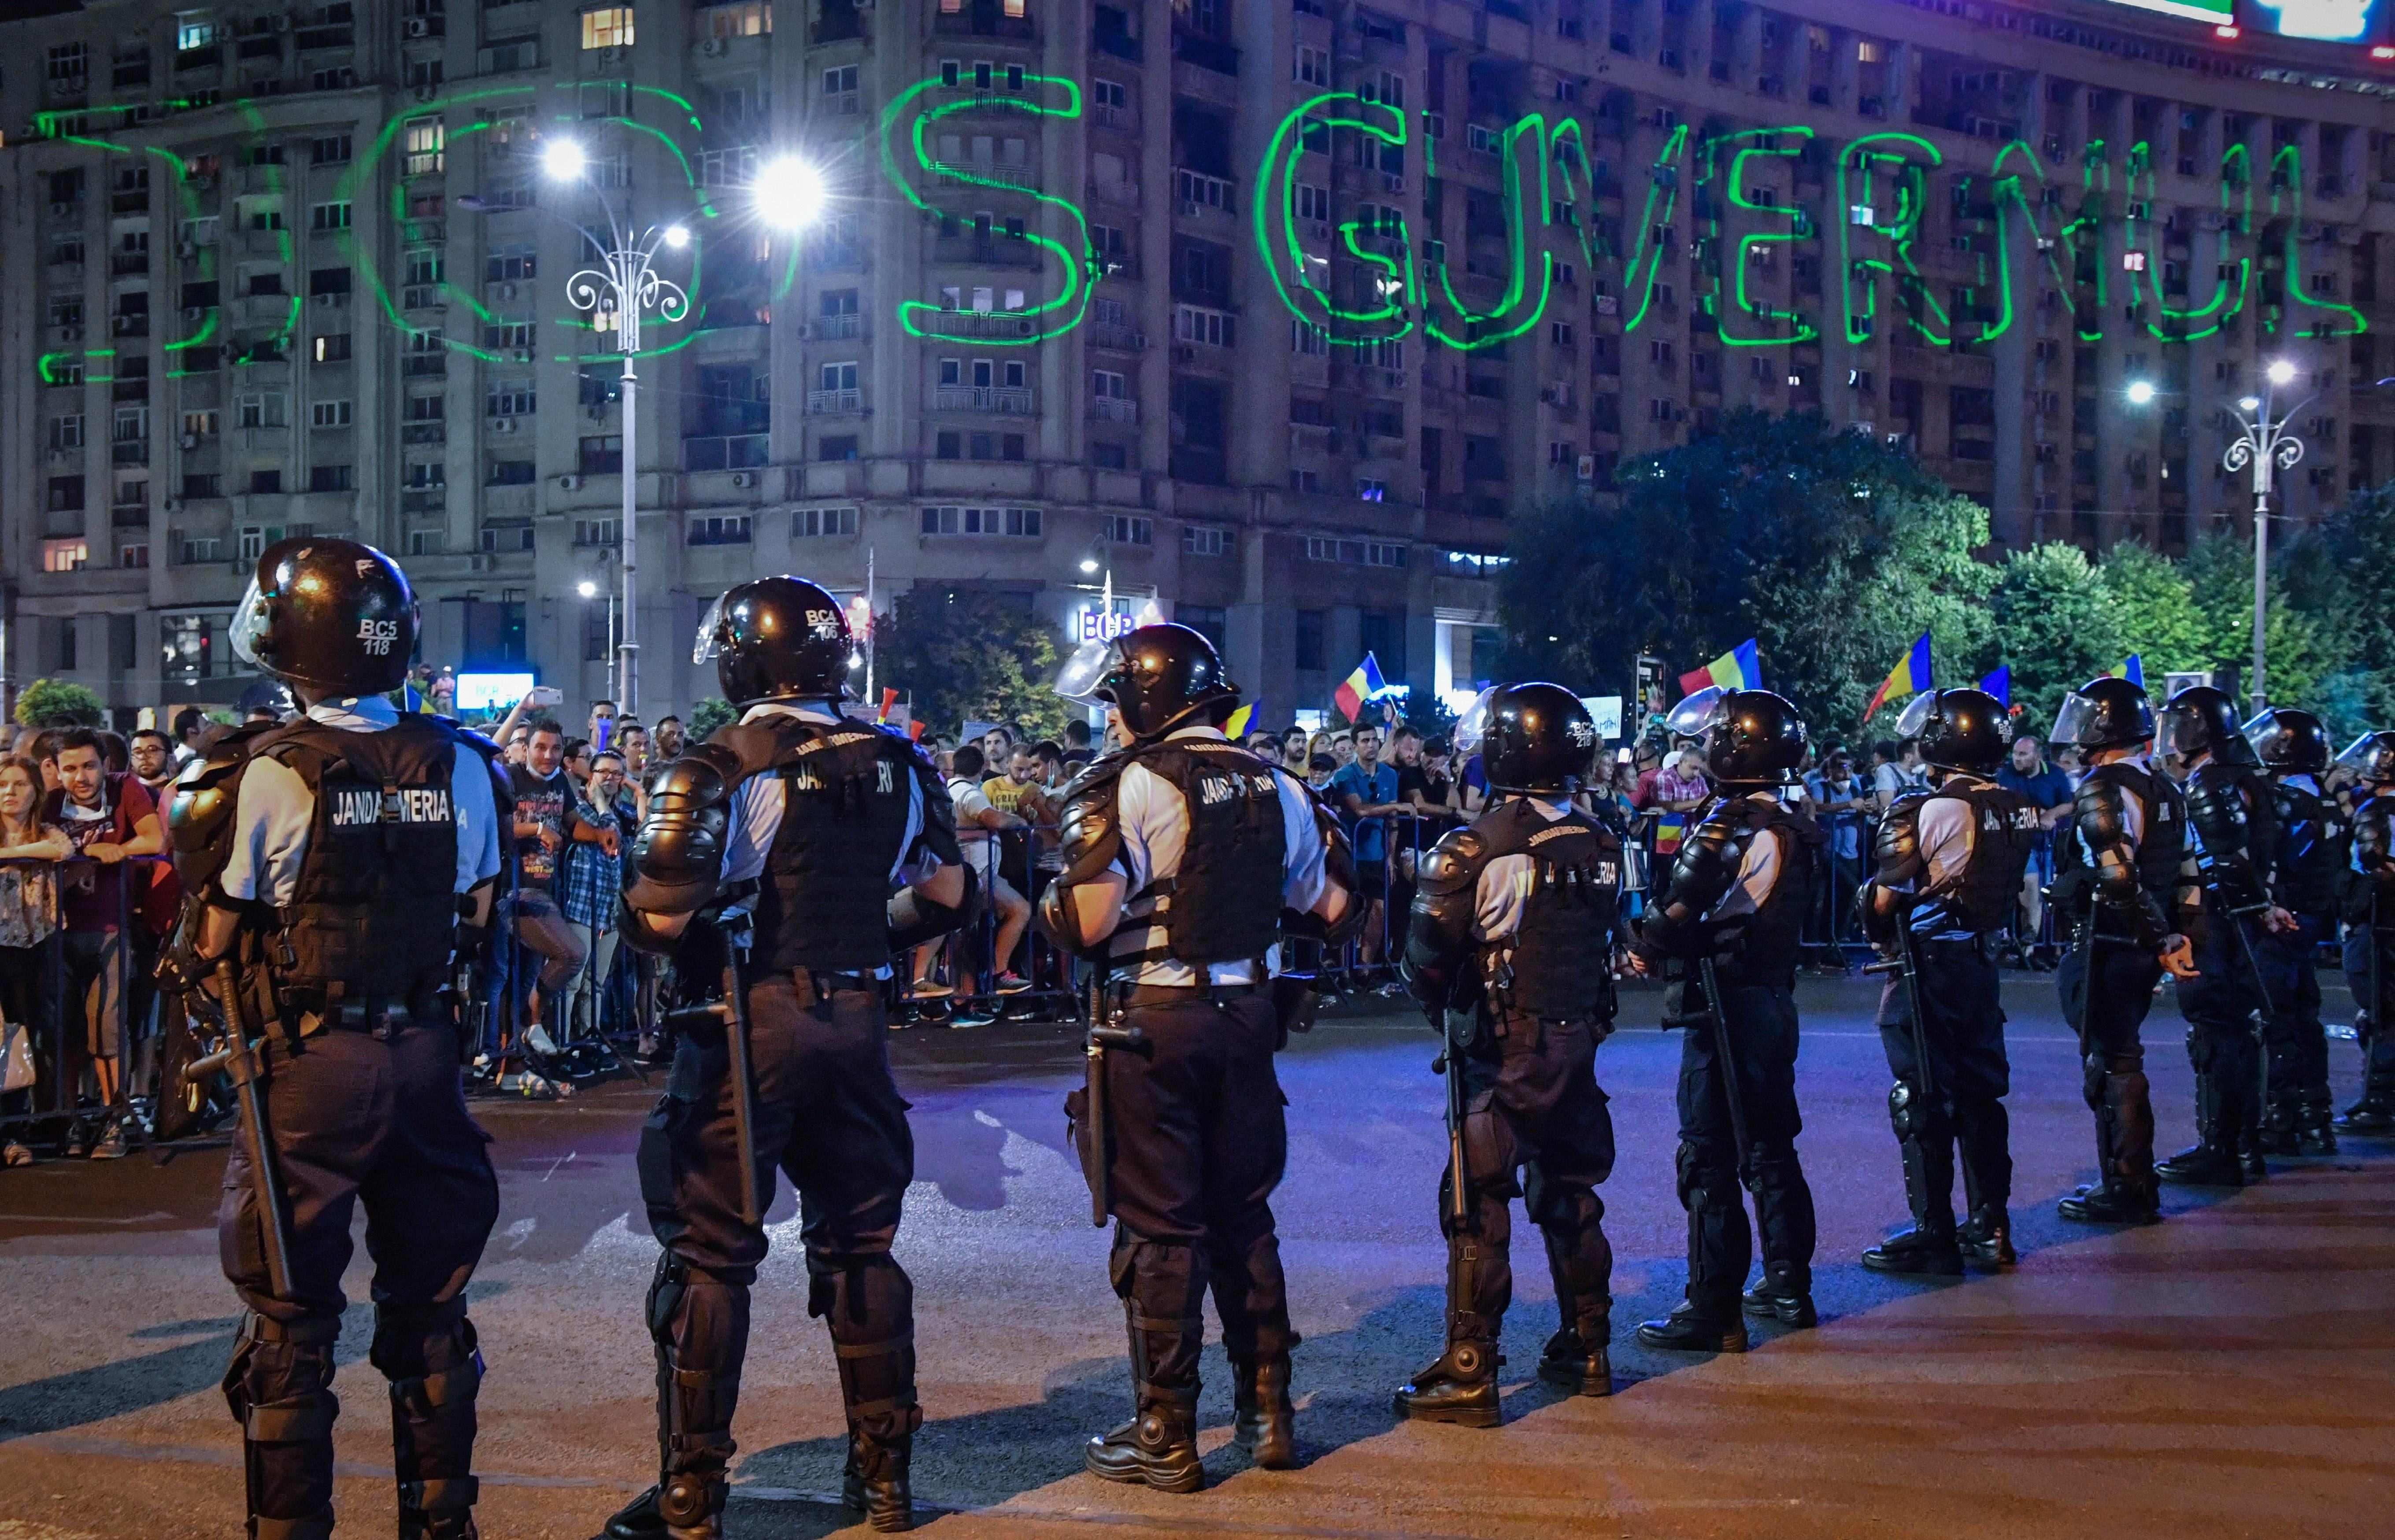 الشرطة الرومانية تحيط بالمتظاهرين